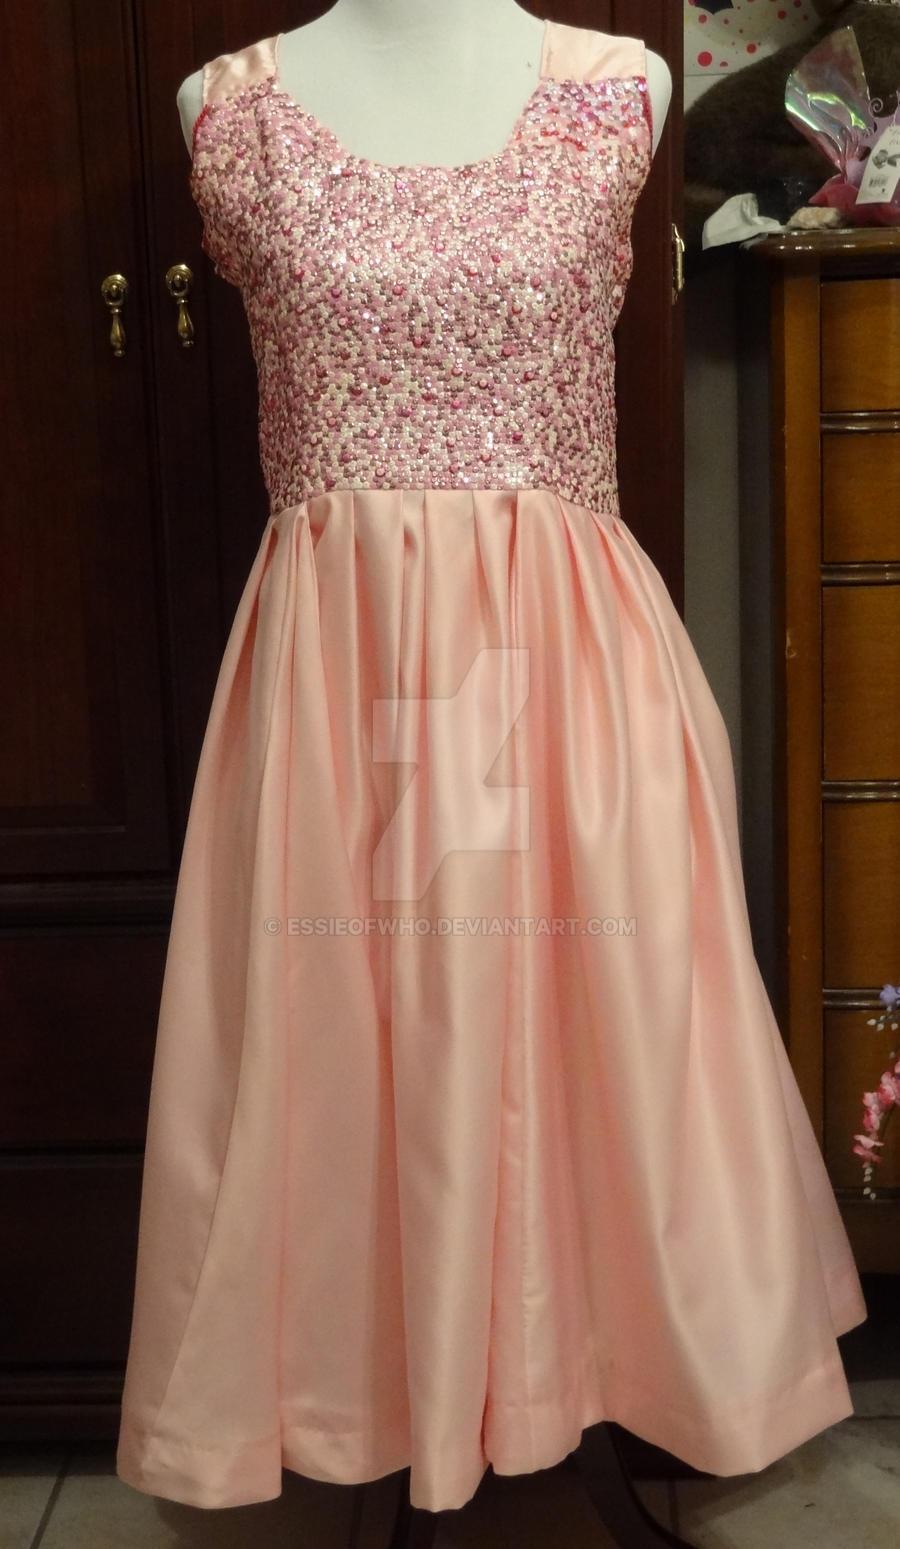 Rose's Idiot's Lantern Dress Full View